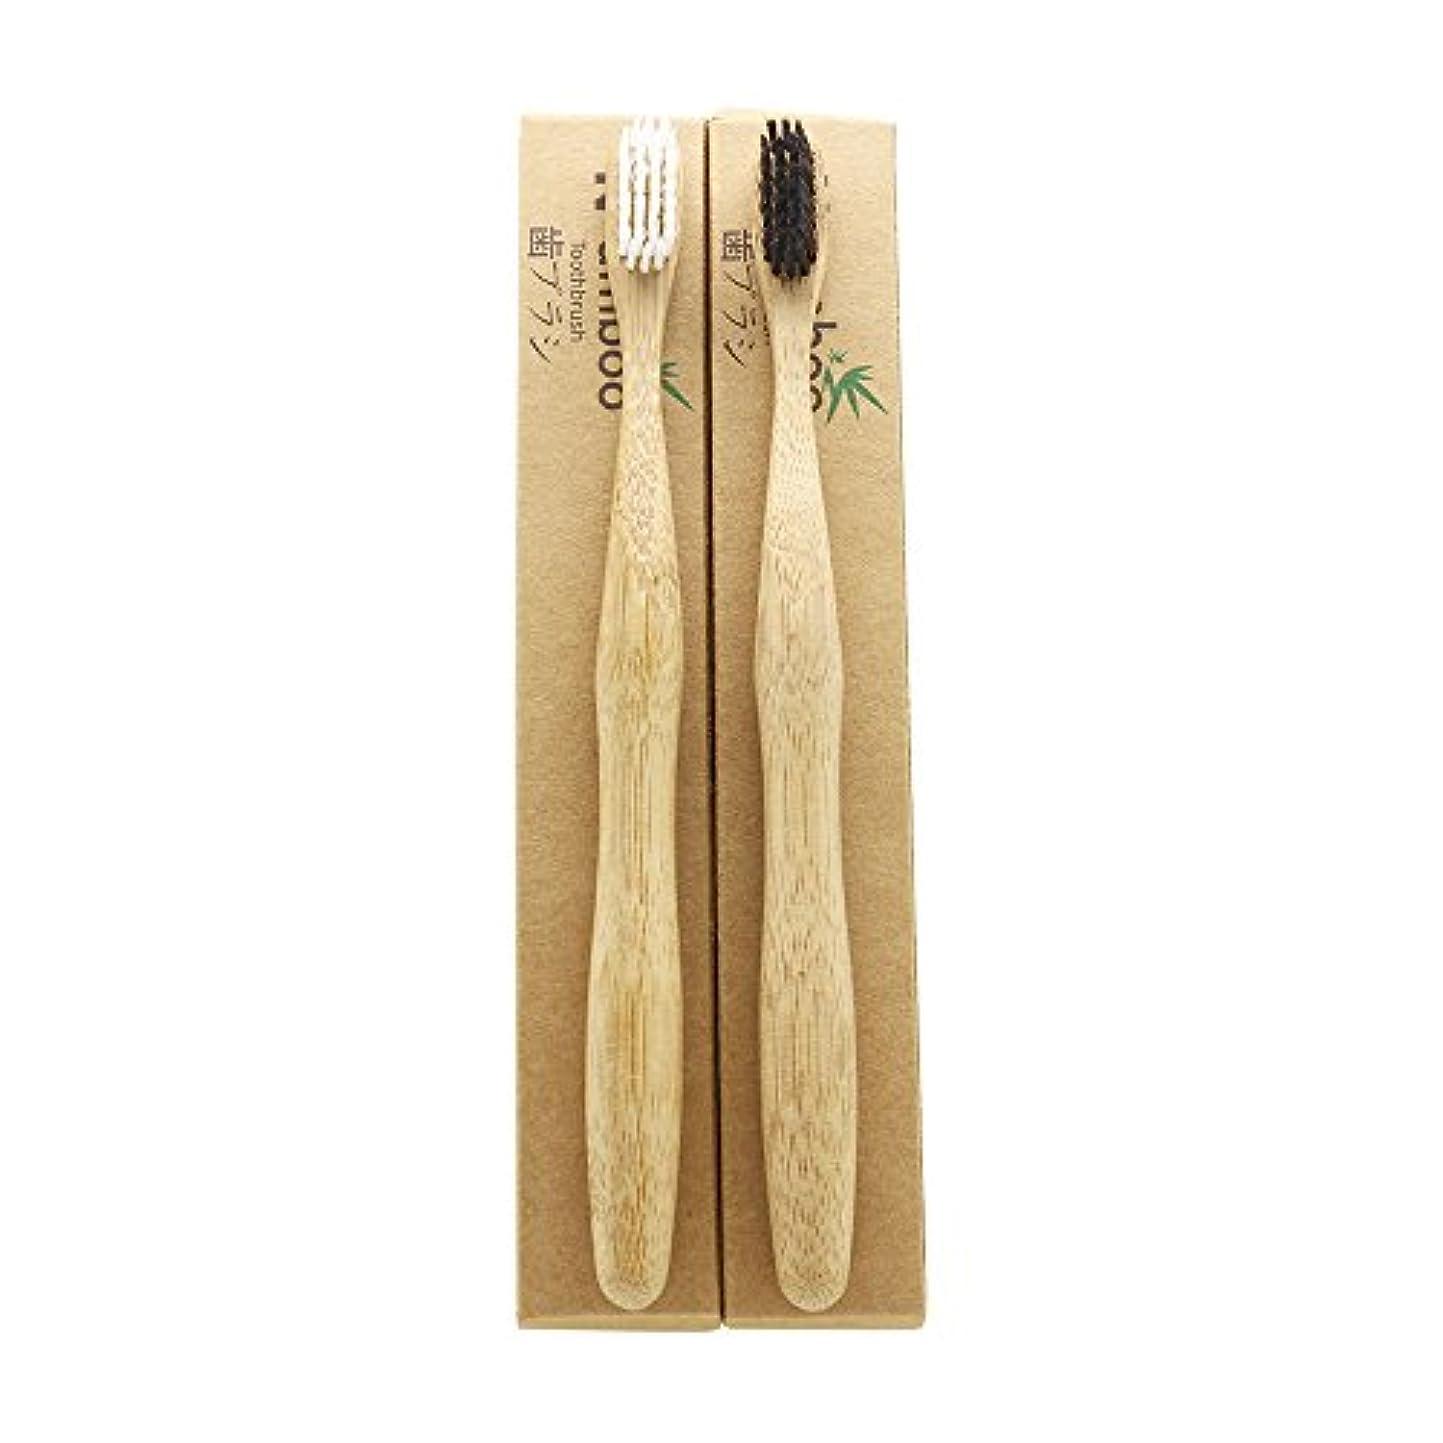 スペース奪う商品N-amboo 竹製 歯ブラシ 高耐久性 白と黒 セット エコ  (2本)